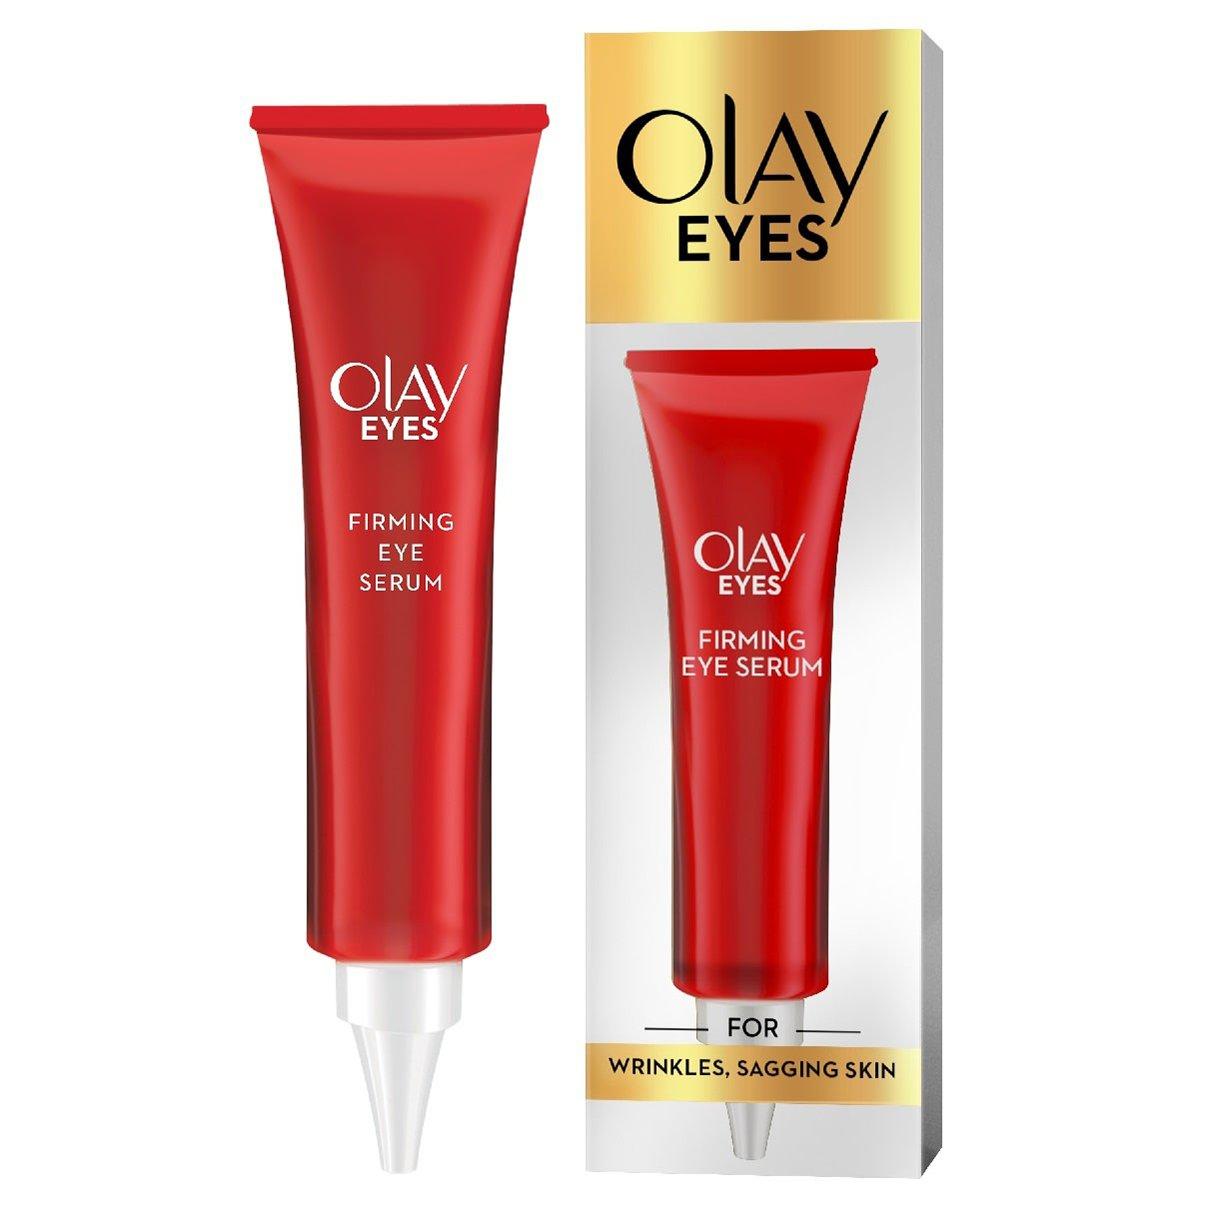 Olay Firming Eye Serum - 15ml